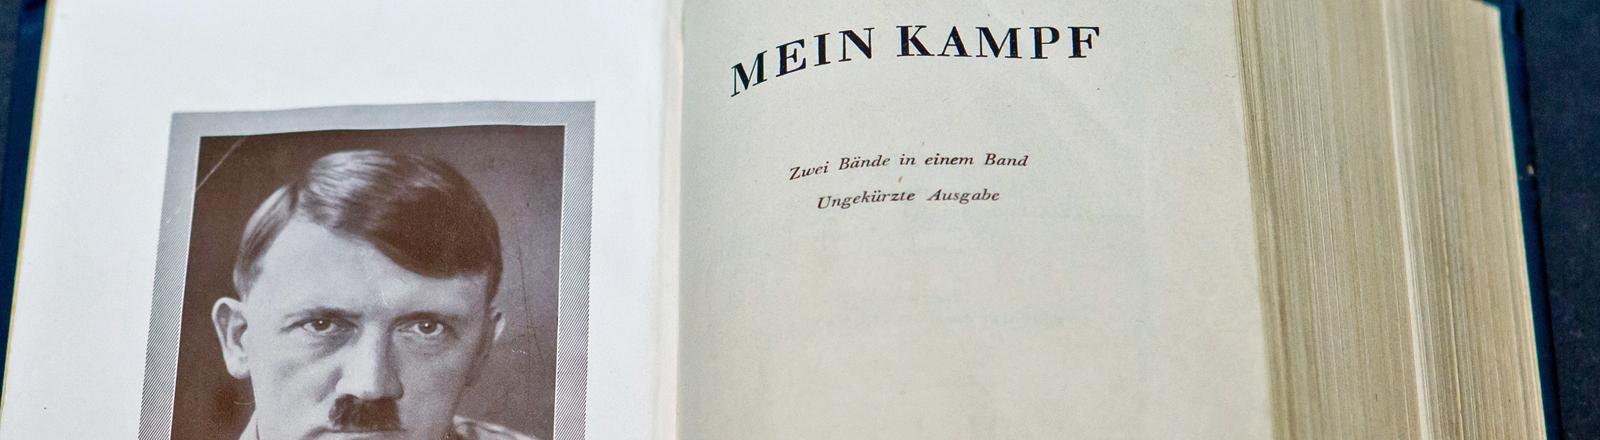 """Eine historische Ausgabe von Hitlers """"Mein Kampf"""" im Dokumentationszentrum Reichsparteitagsgelände in Nürnberg."""